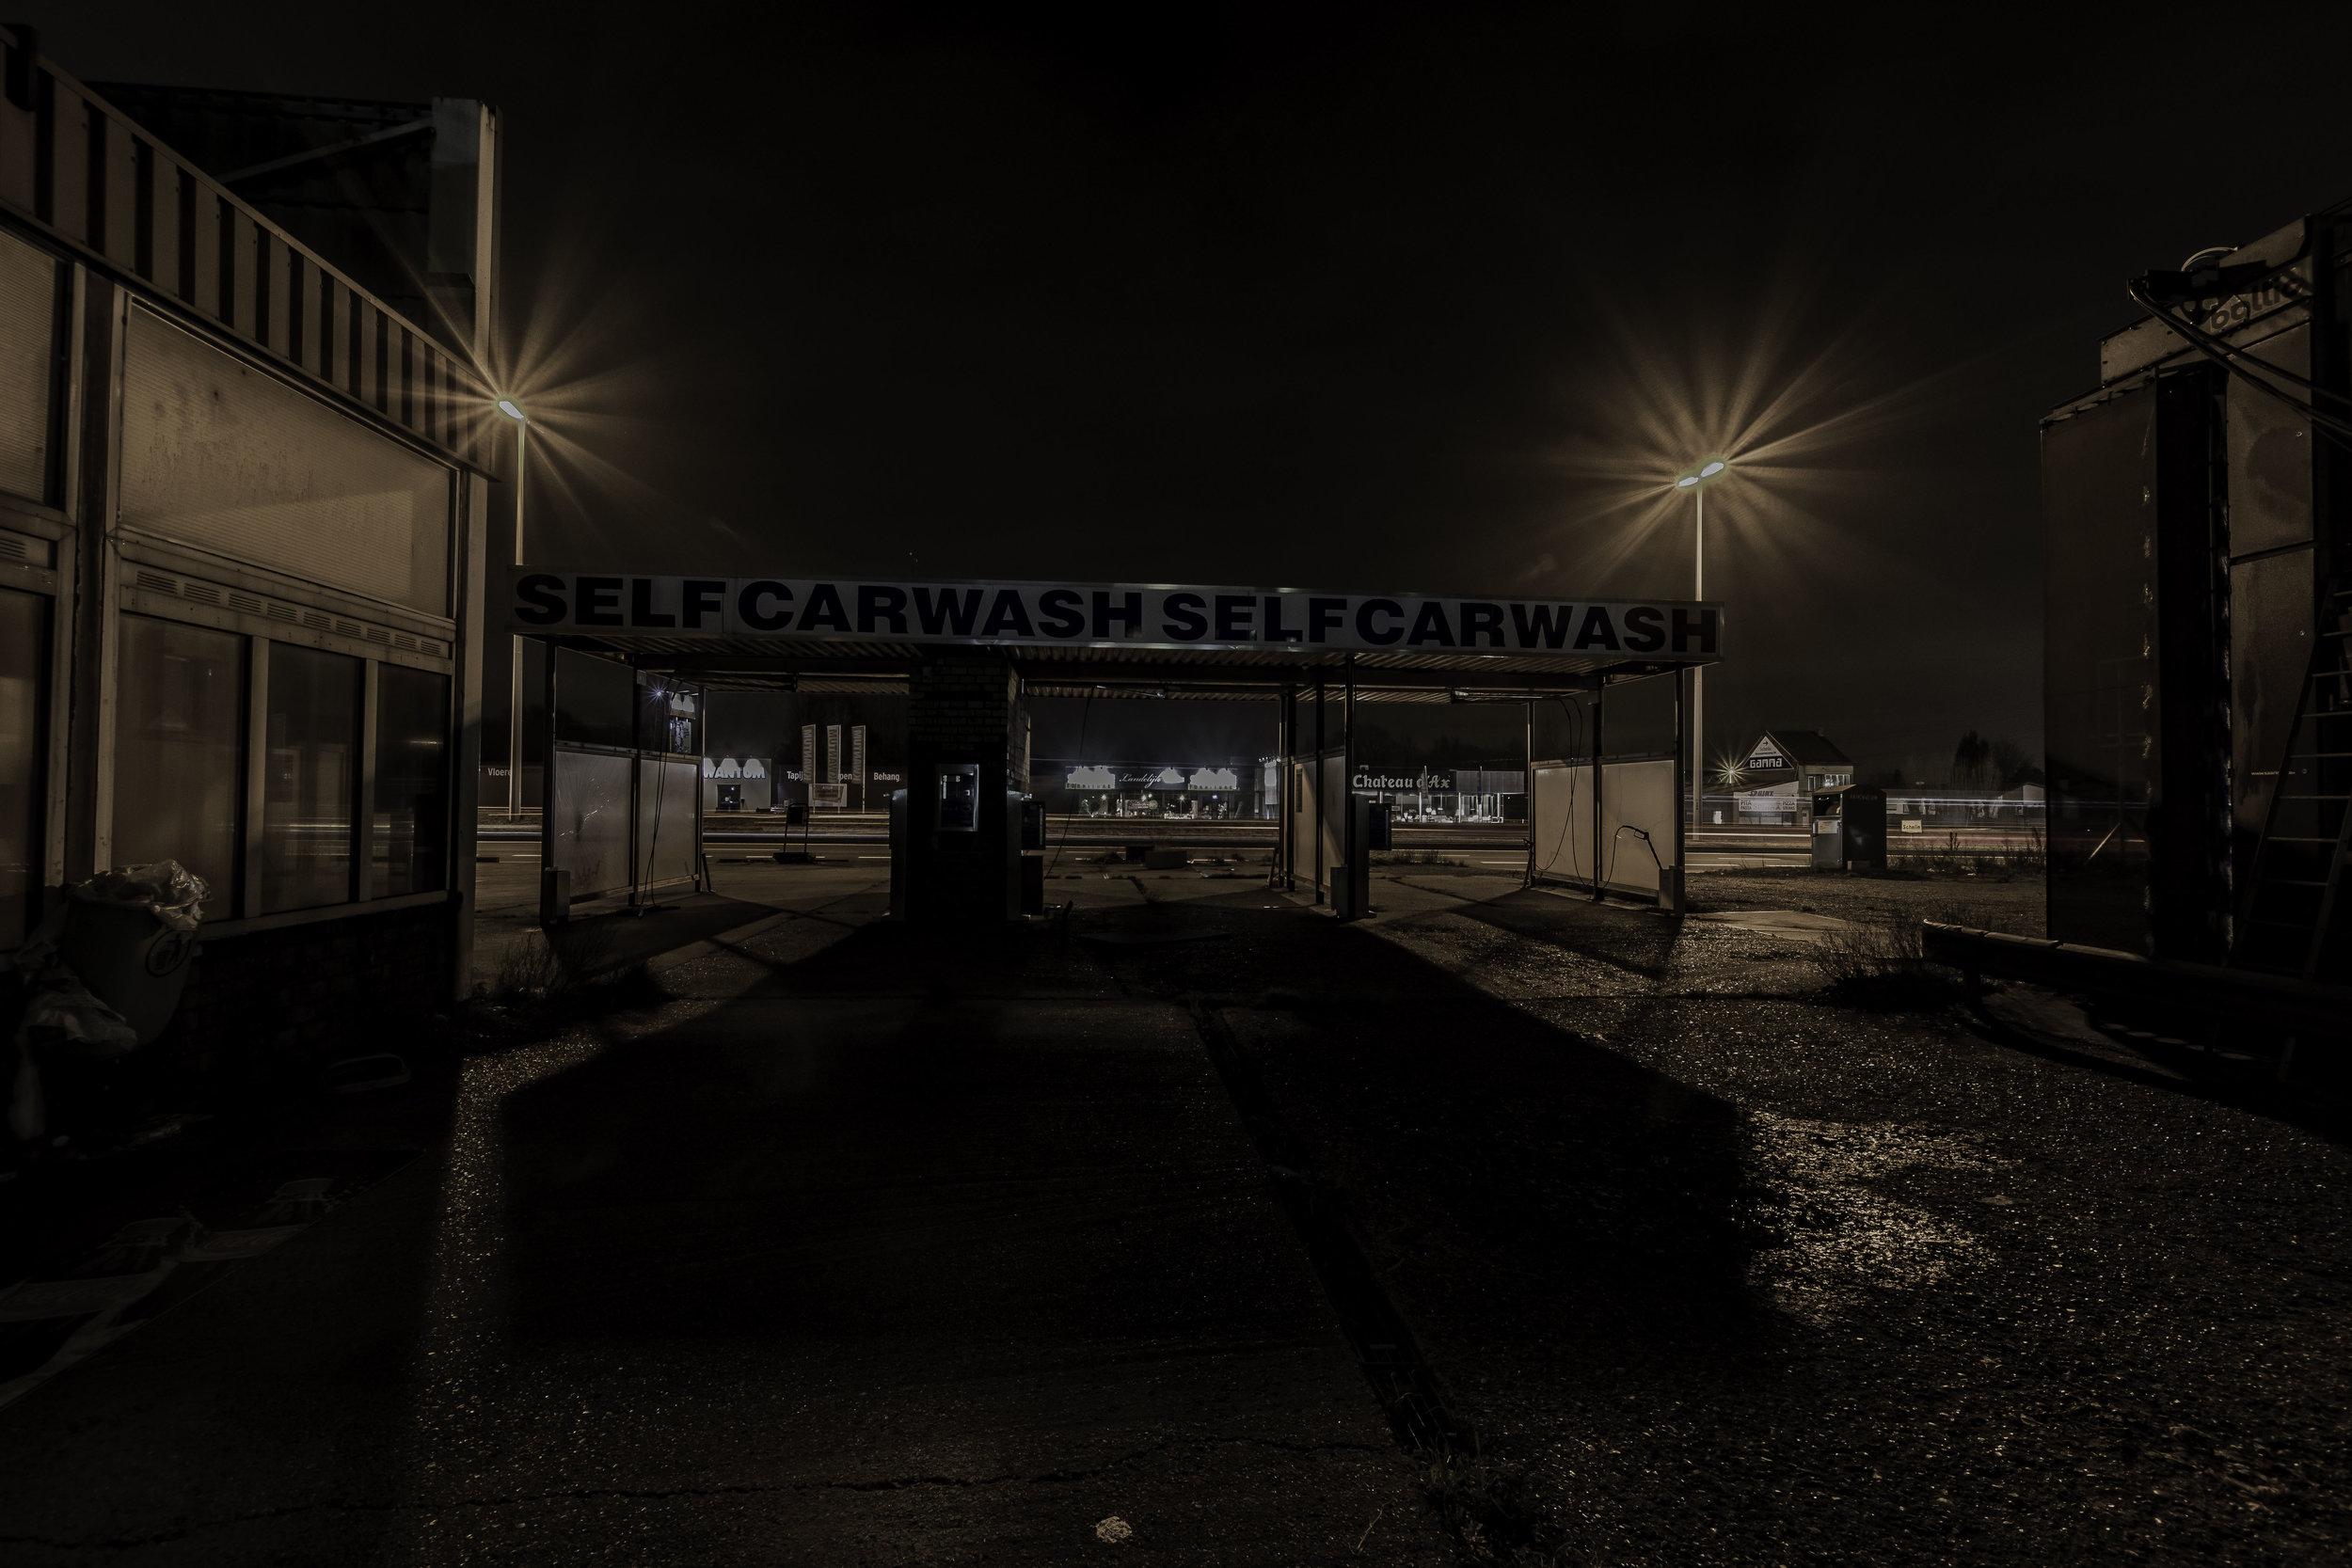 viewfinder-creativeboody-sven-van-santvliet-urbexfotografie-antwerpen-nachtfotografie-avondfotografie-verlaten-gebouwen-5